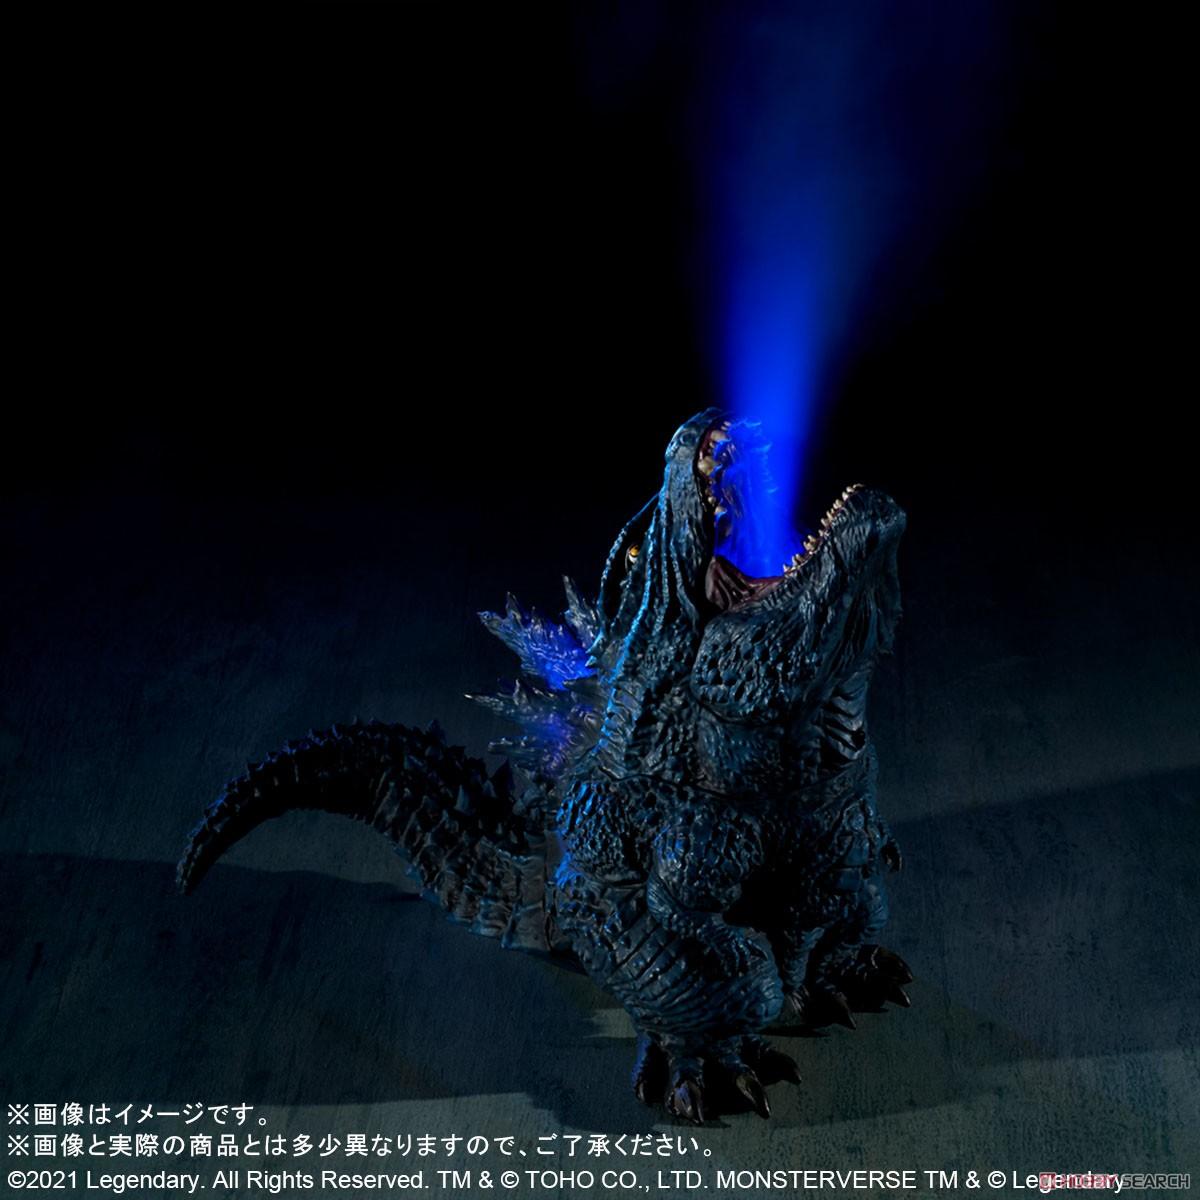 デフォリアル SFX『ゴジラ(2019)』キング・オブ・モンスターズ 完成品フィギュア-007